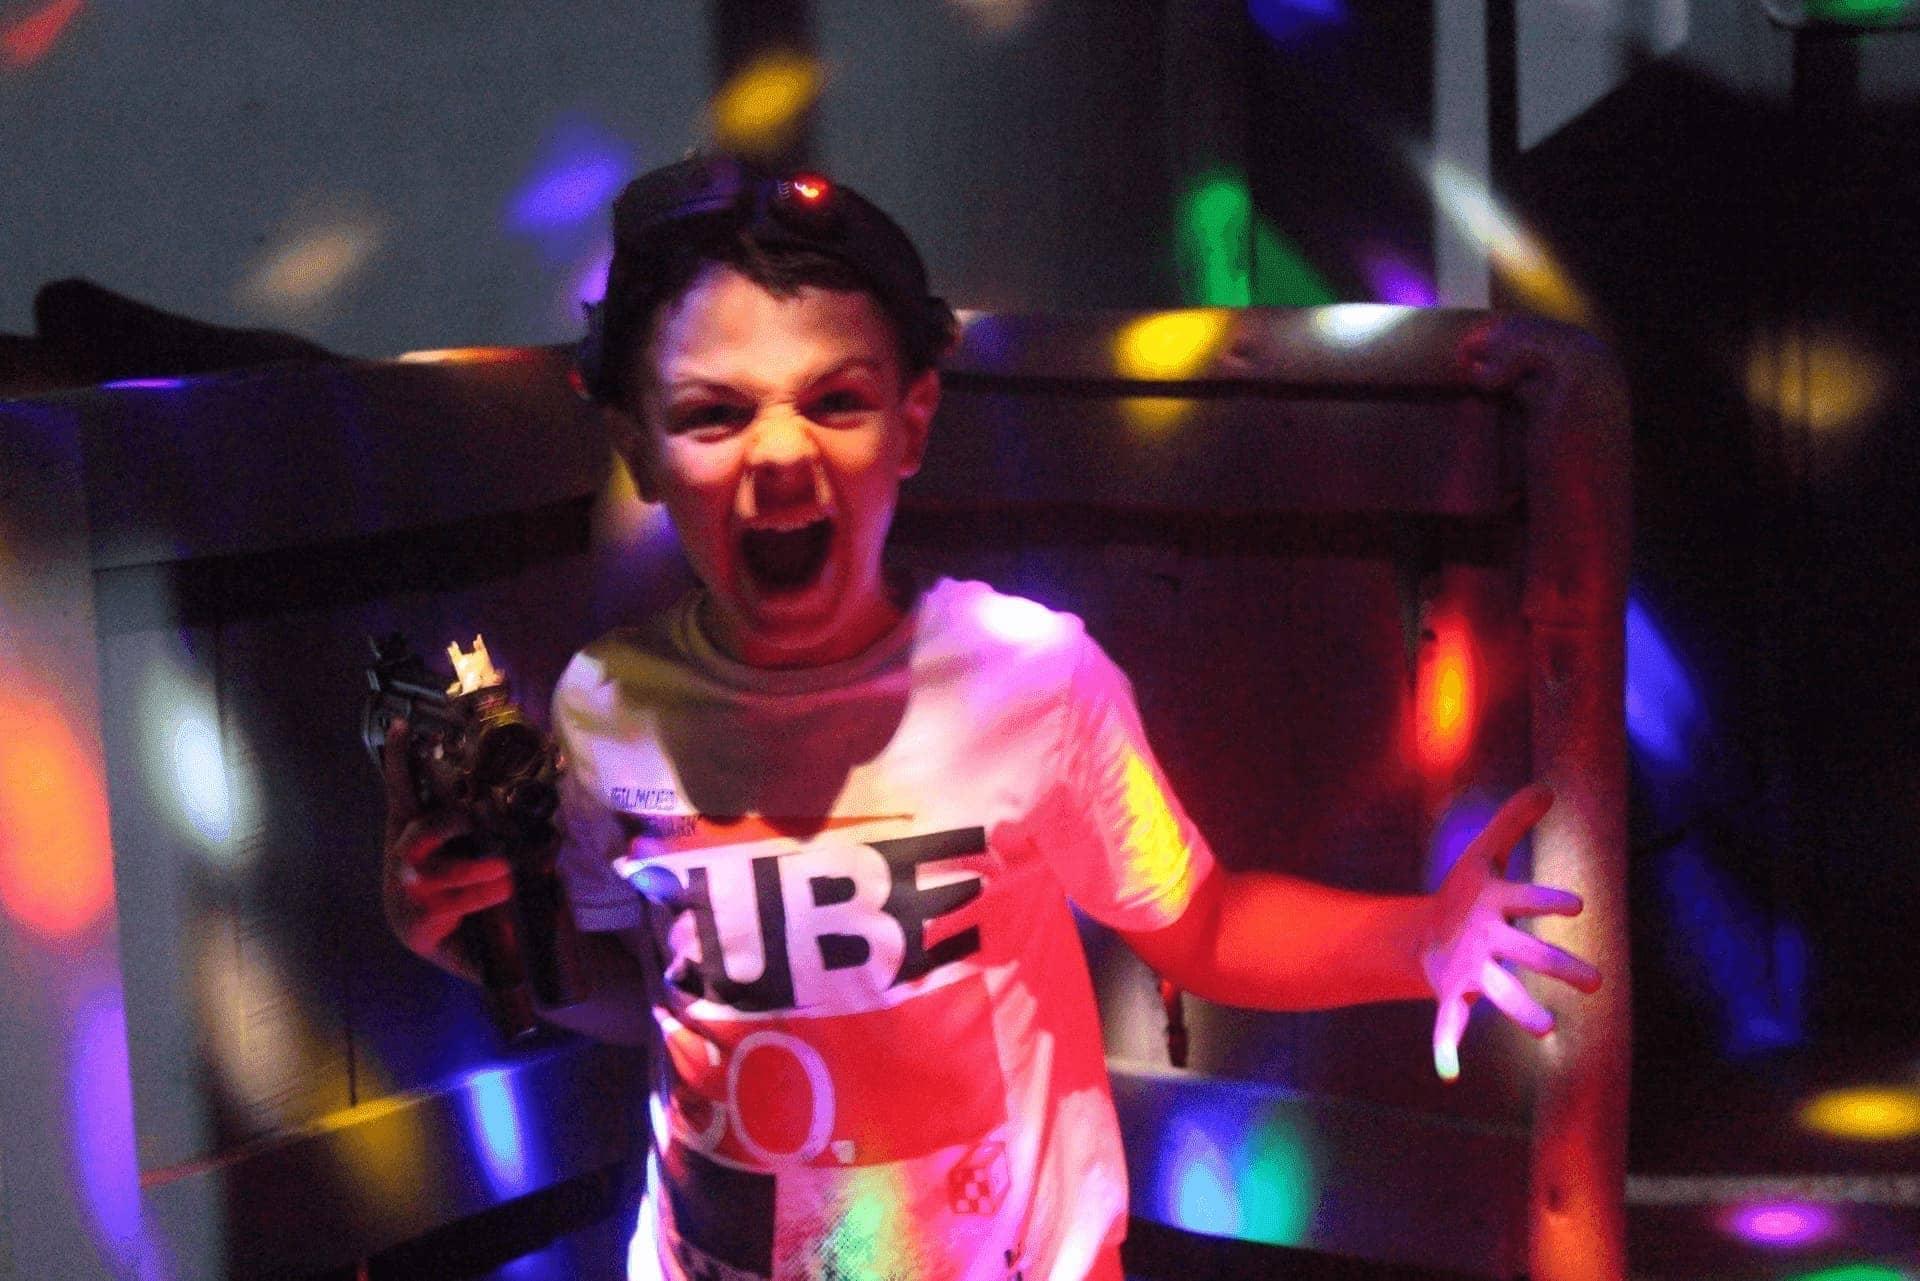 Возбужденный мальчишка воинственно рычит с лазертаг автоматом в руках